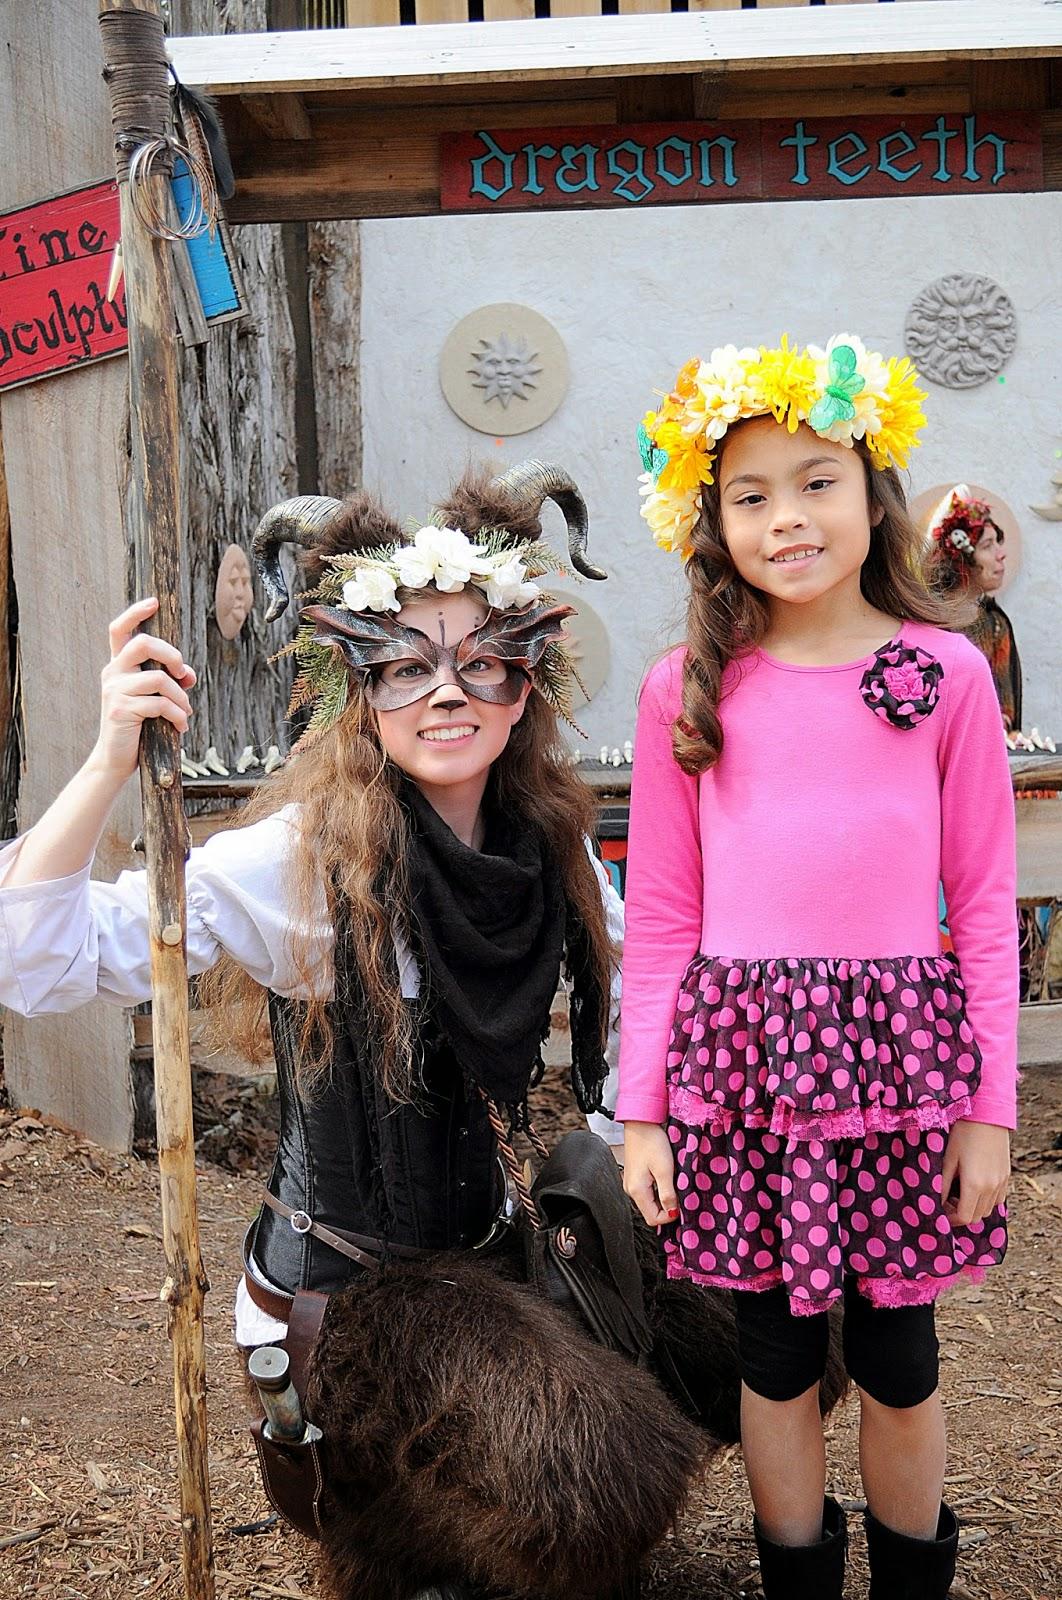 Texas Renaissance Festival Sherwood Forest Faire